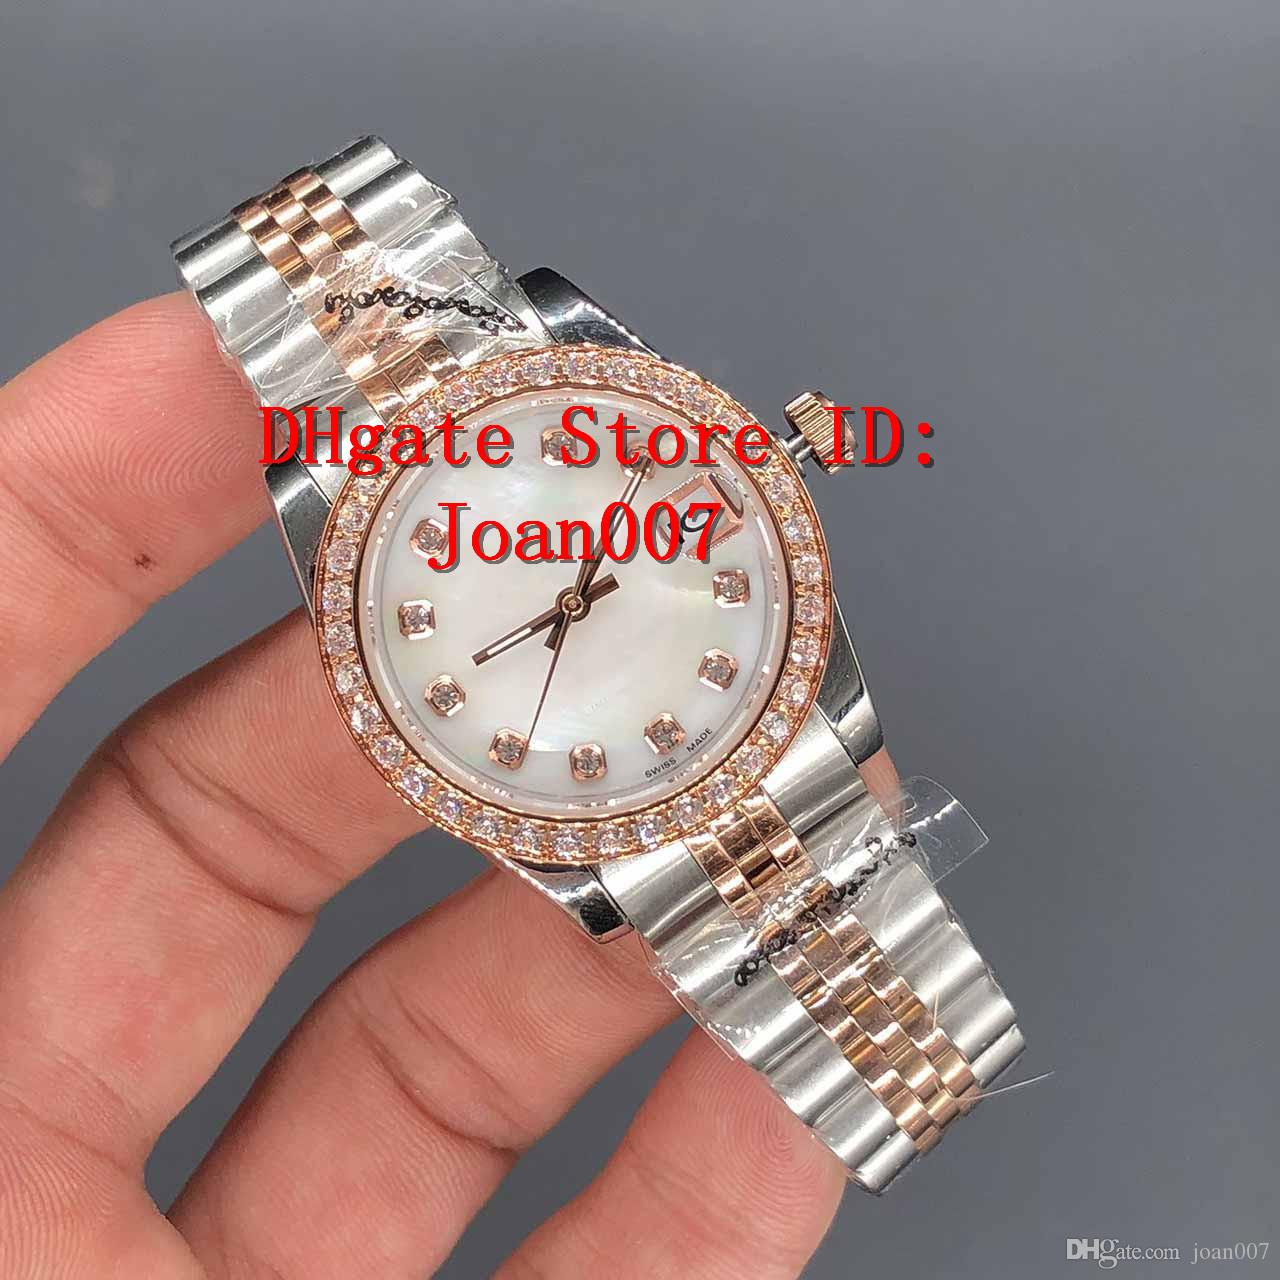 Assista melhor presidente Qualidade Bezel Diamante Mulheres inoxidável relógios mais baixo 31mm Preço Womens Ladies automático de pulso mecânico